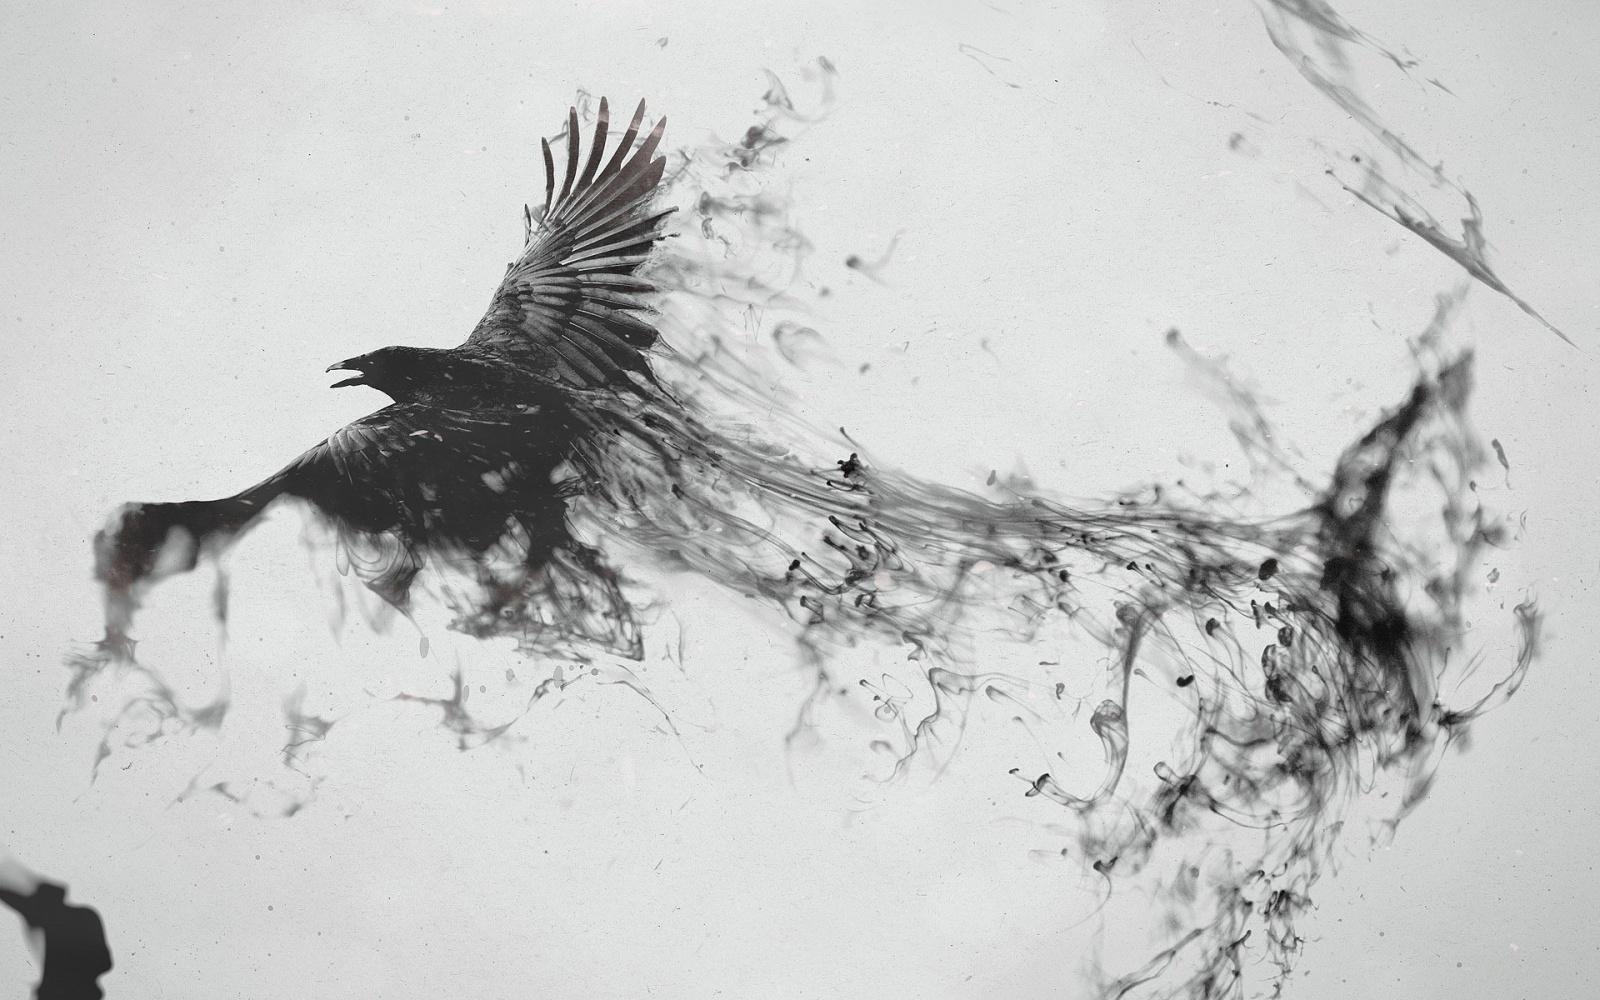 E Ink-2016: как сегодня обстоят дела на рынке ридеров-покетбуков? - 1